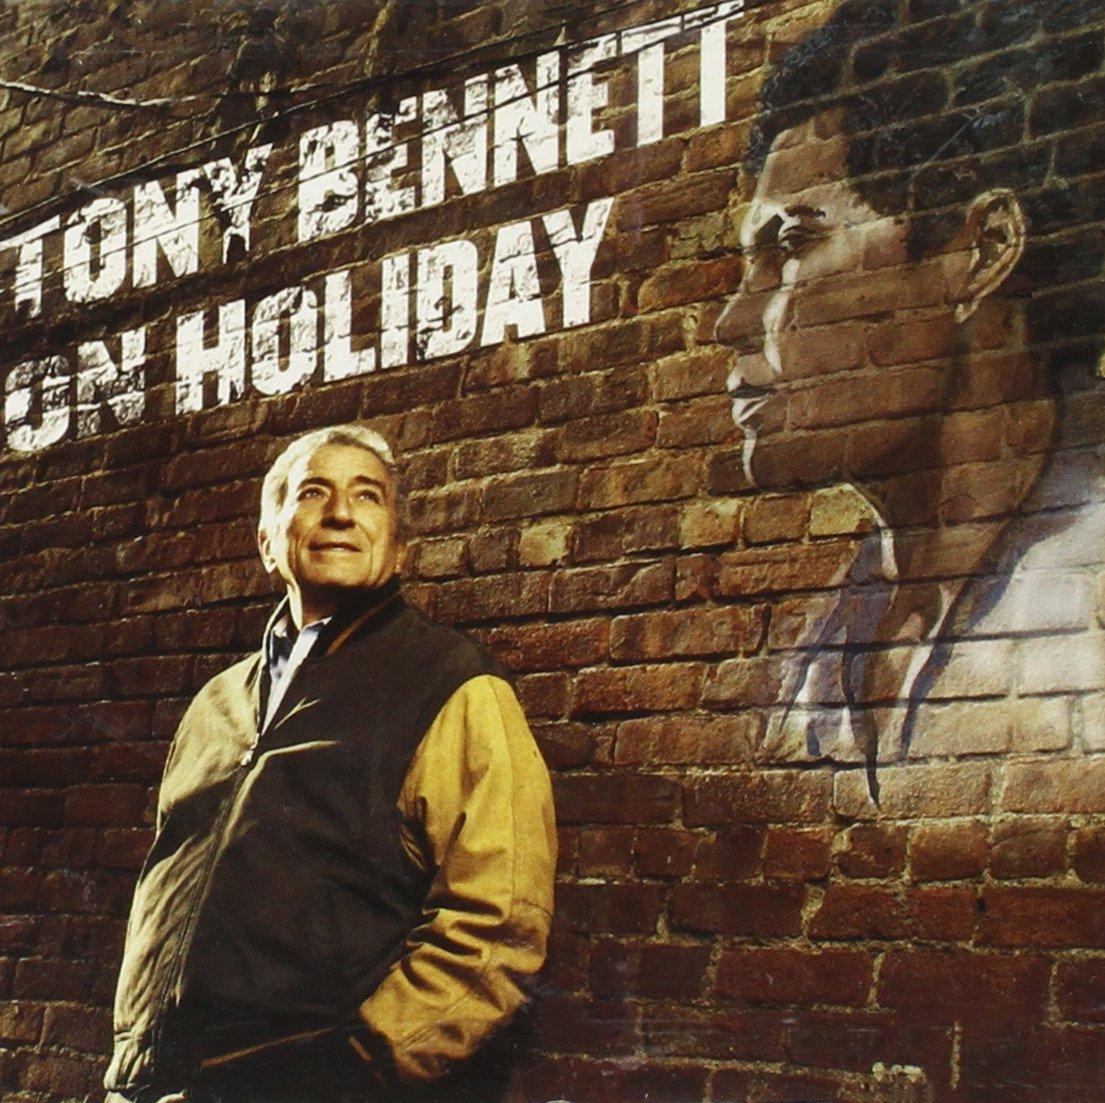 Tony Bennett – On Holiday (1997) [FLAC]